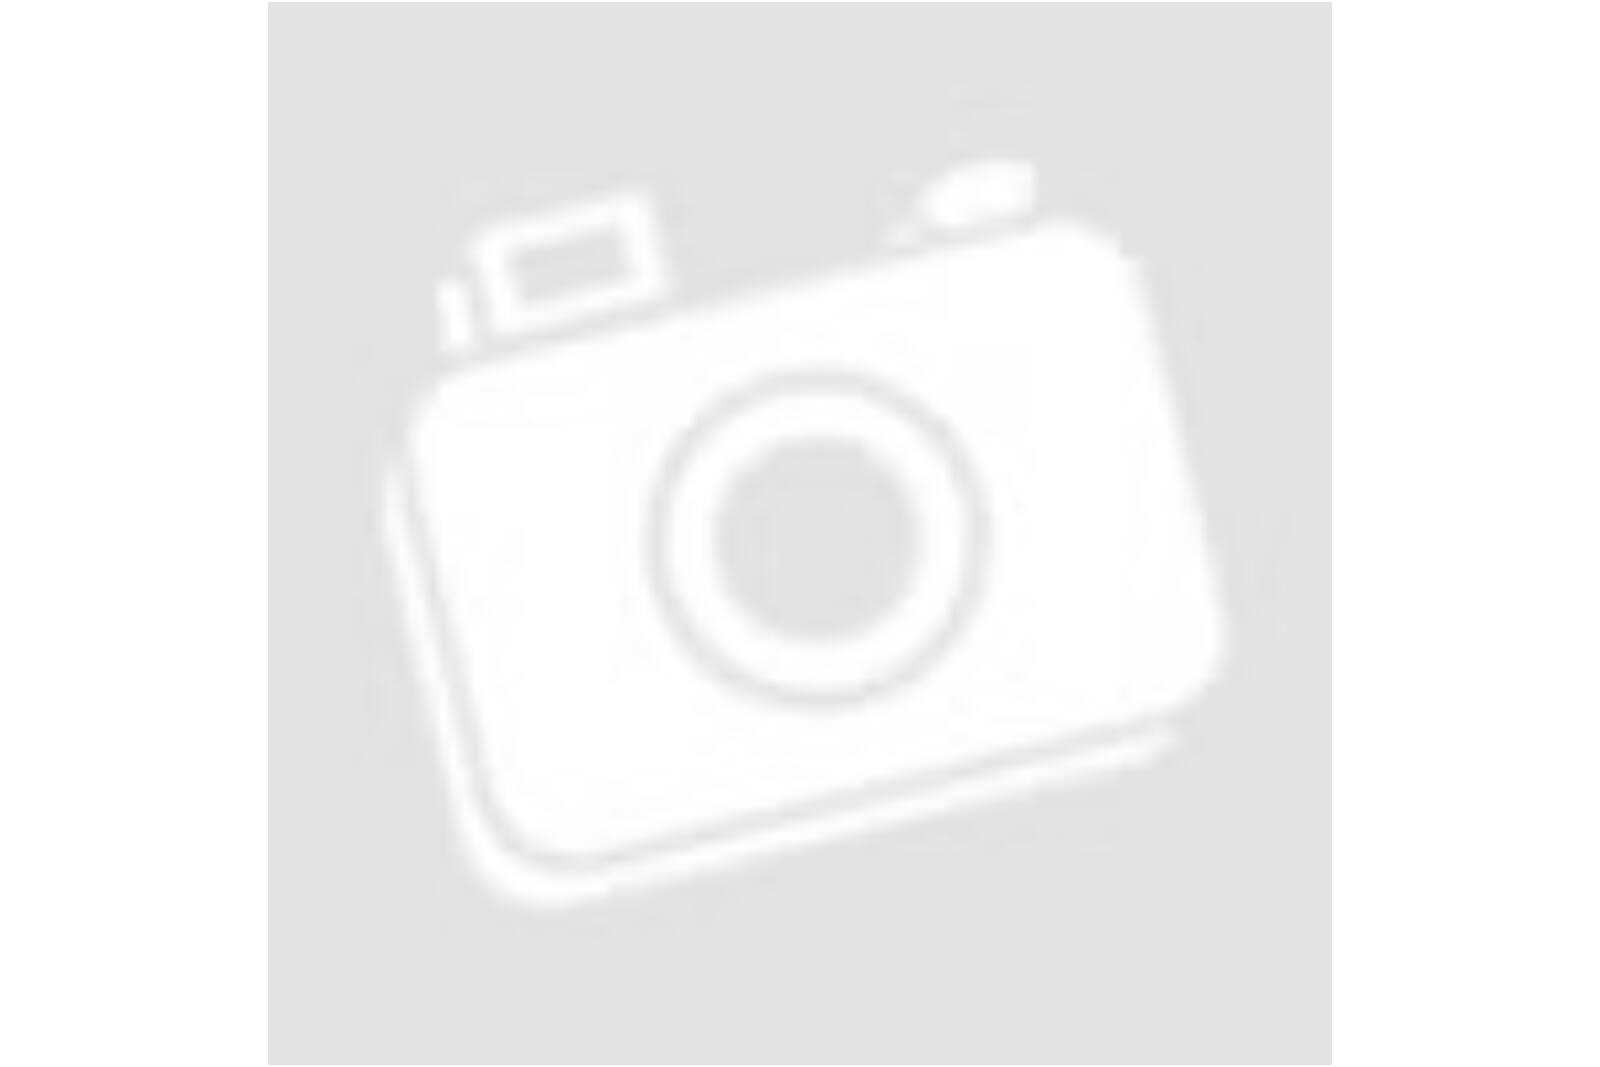 Tommy Hilfiger rózsaszín női kardigán - Női pulóverek 65c877e06c